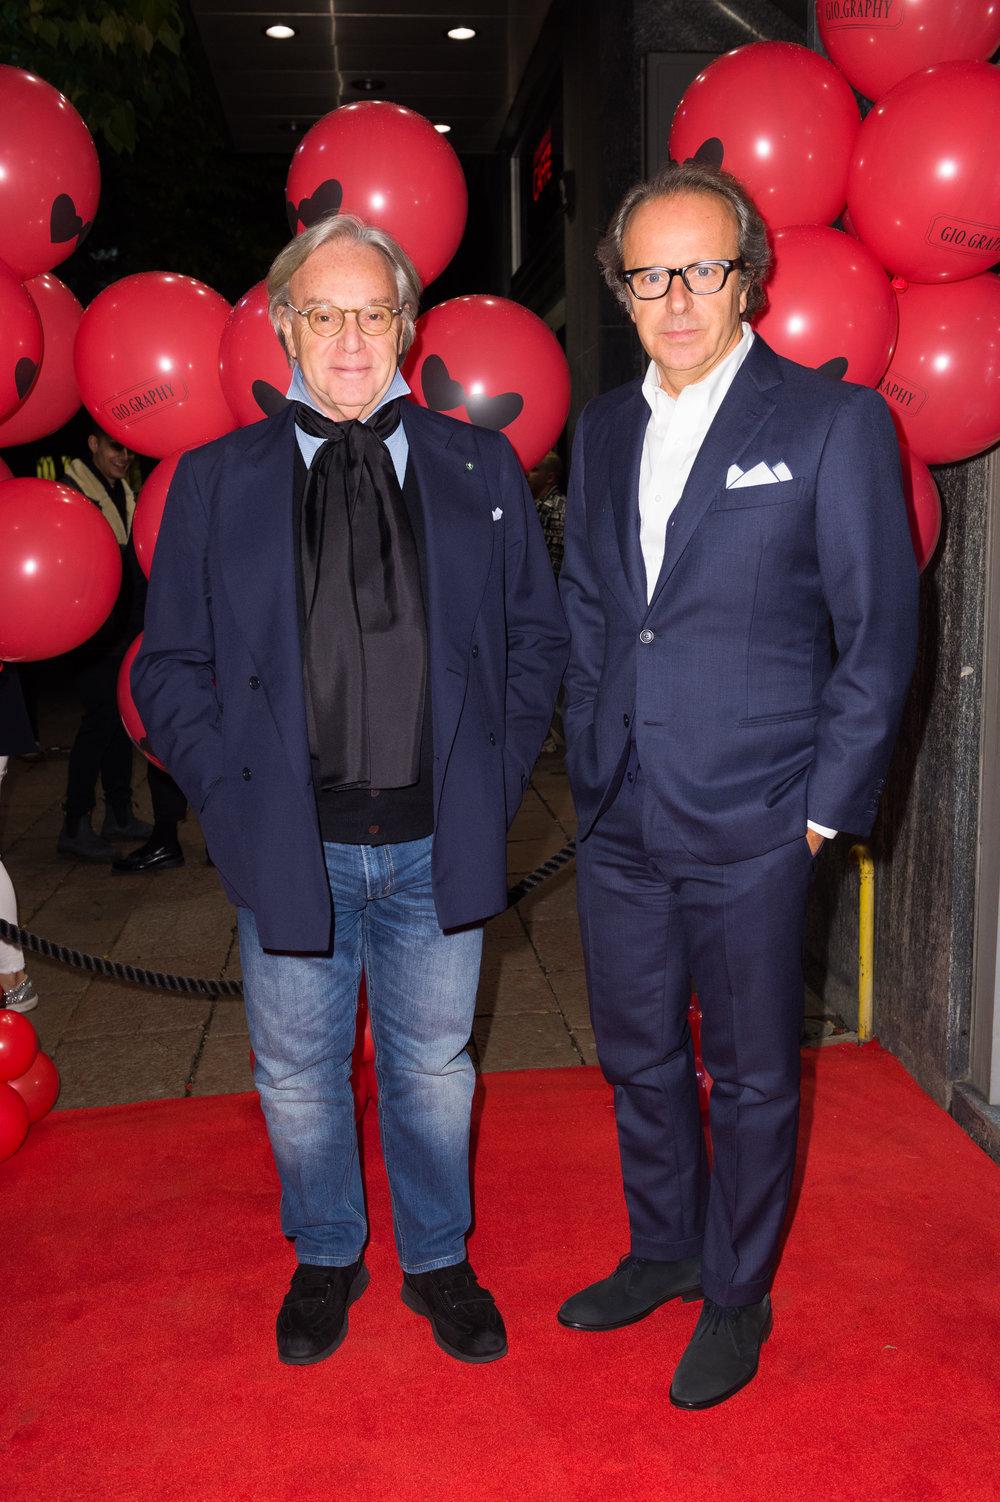 Diego & Andrea Della Valle